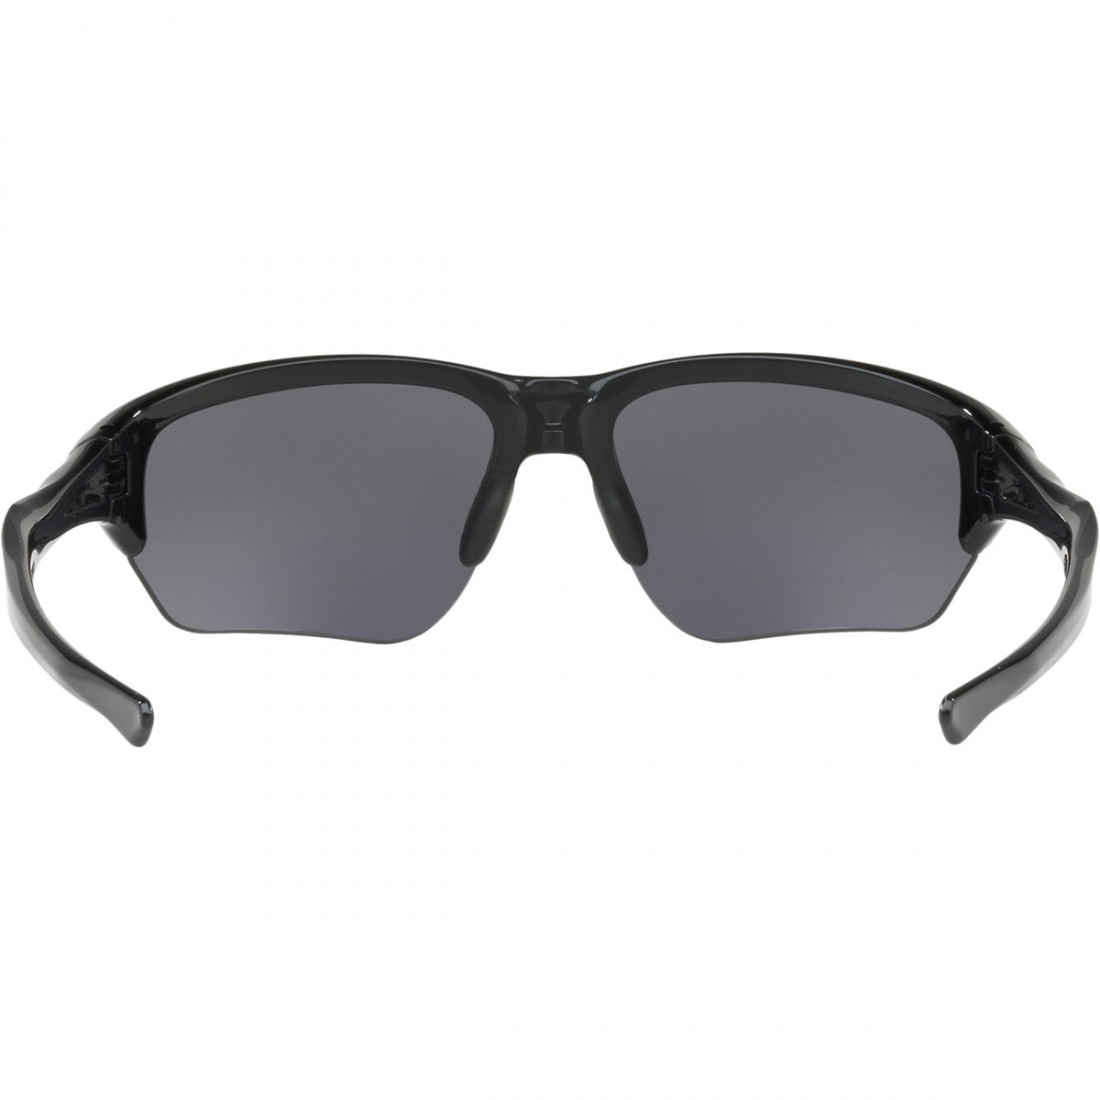 5abe6bf43 Óculos de sol OAKLEY Flak Beta Polished Black   Black Iridium · Motocard